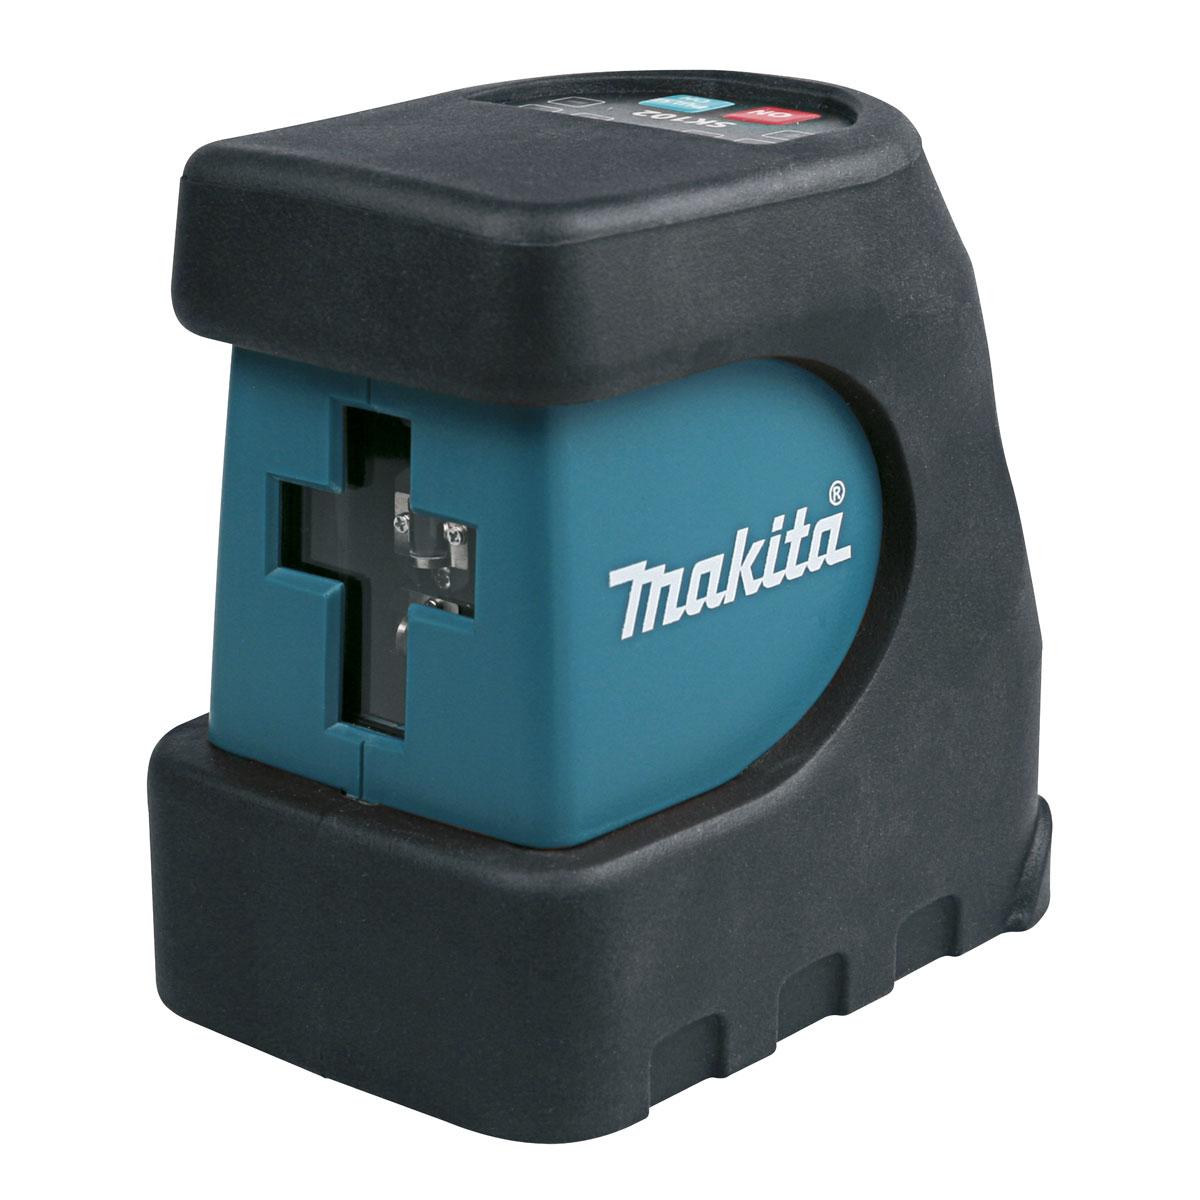 Уровень лазерный Makita SK102Z, 15 м80621Лазерный уровень Makita SK102Z предназначен для профессионального применения при отделочно-ремонтных работах. Два луча проецируют горизонтальную и вертикальную линии поочередно или одновременно. Для удобного хранения и транспортировки, устройство имеет функцию блокировки маятникового механизма и поставляется в сумке. Питается от 3 батареек типа АА (входят в комплект).